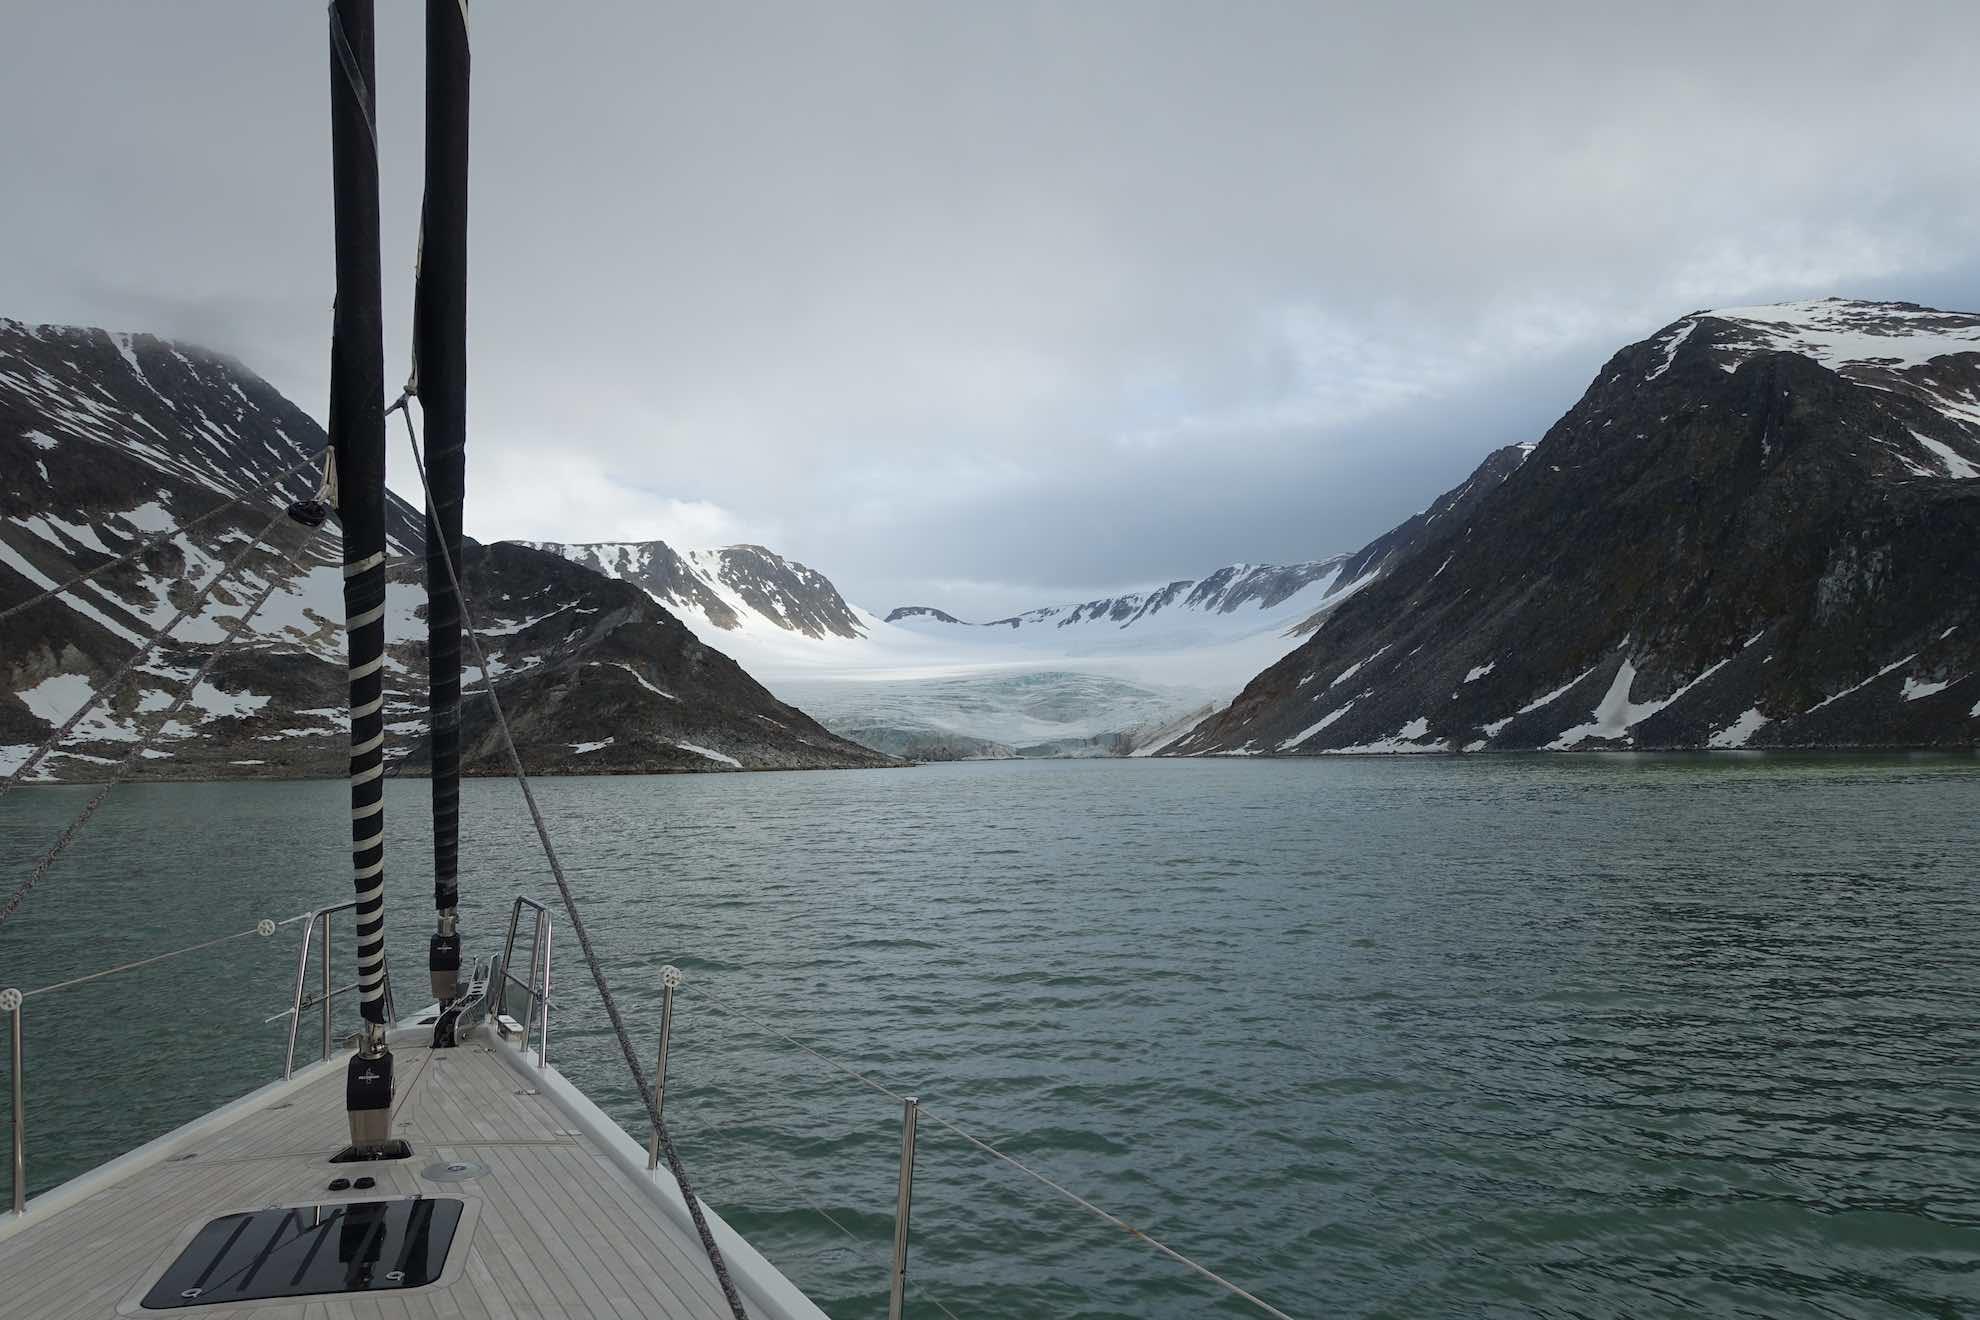 ... finden wir eine beeindruckende Gletscherkulisse ...